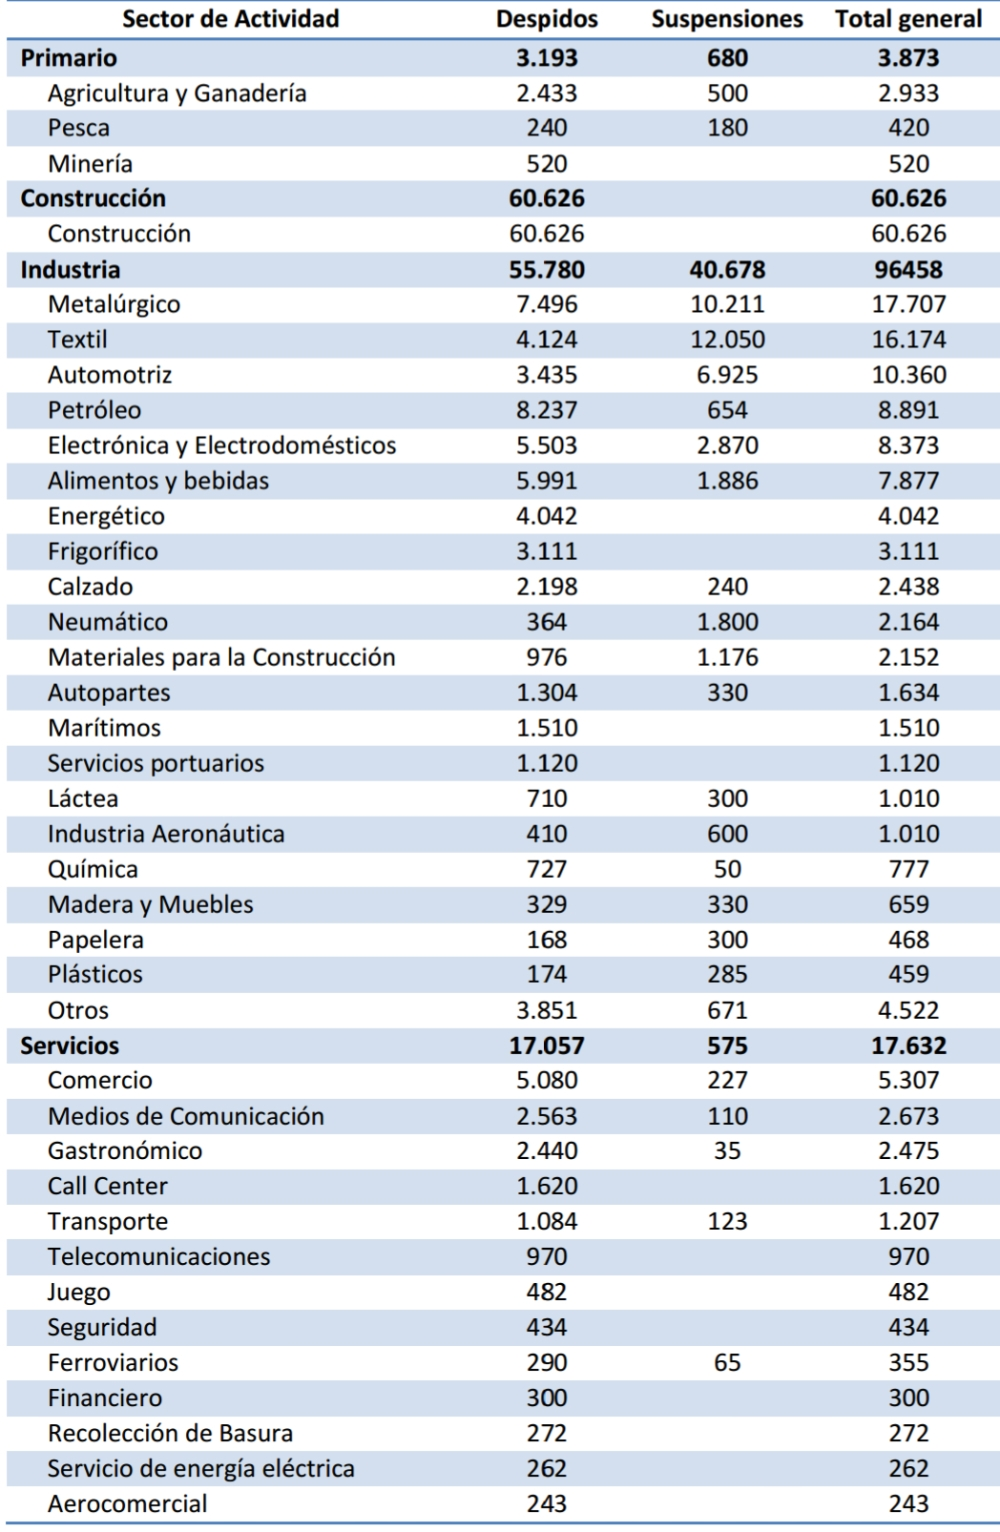 Despidos según sector de actividad, acumulado diciembre 2015 - marzo de 2017.jpg